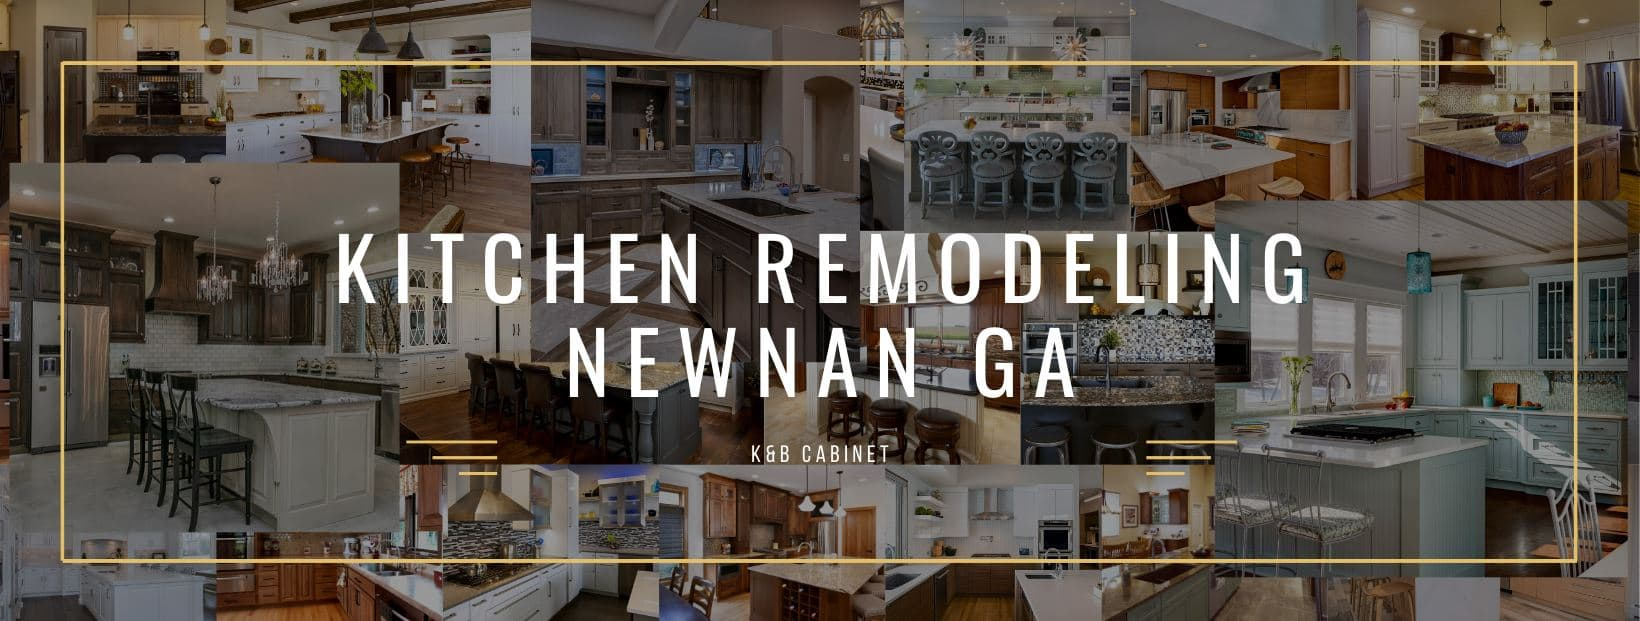 Kitchen Remodeling Newnan GA